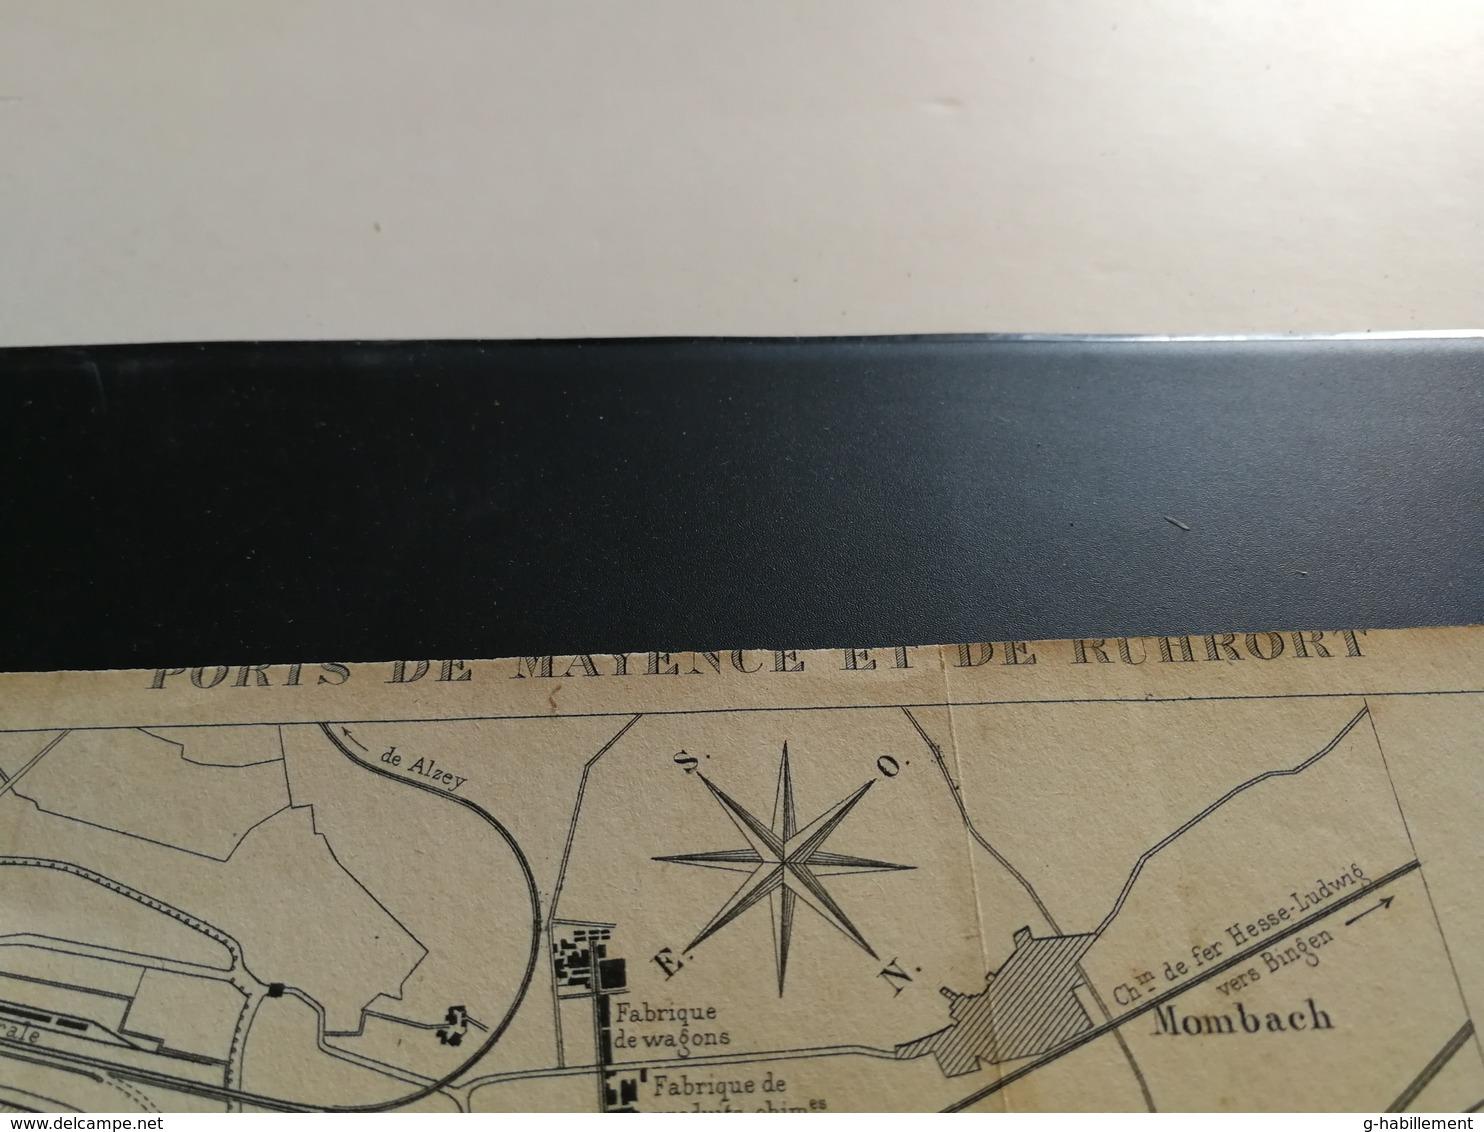 ANNALES PONTS Et CHAUSSEES (Dep 92) - Plan Des Ports De Mayence Et Ruhrort - Gravé Par Macquet - 1891 (CLA42) - Cartes Marines